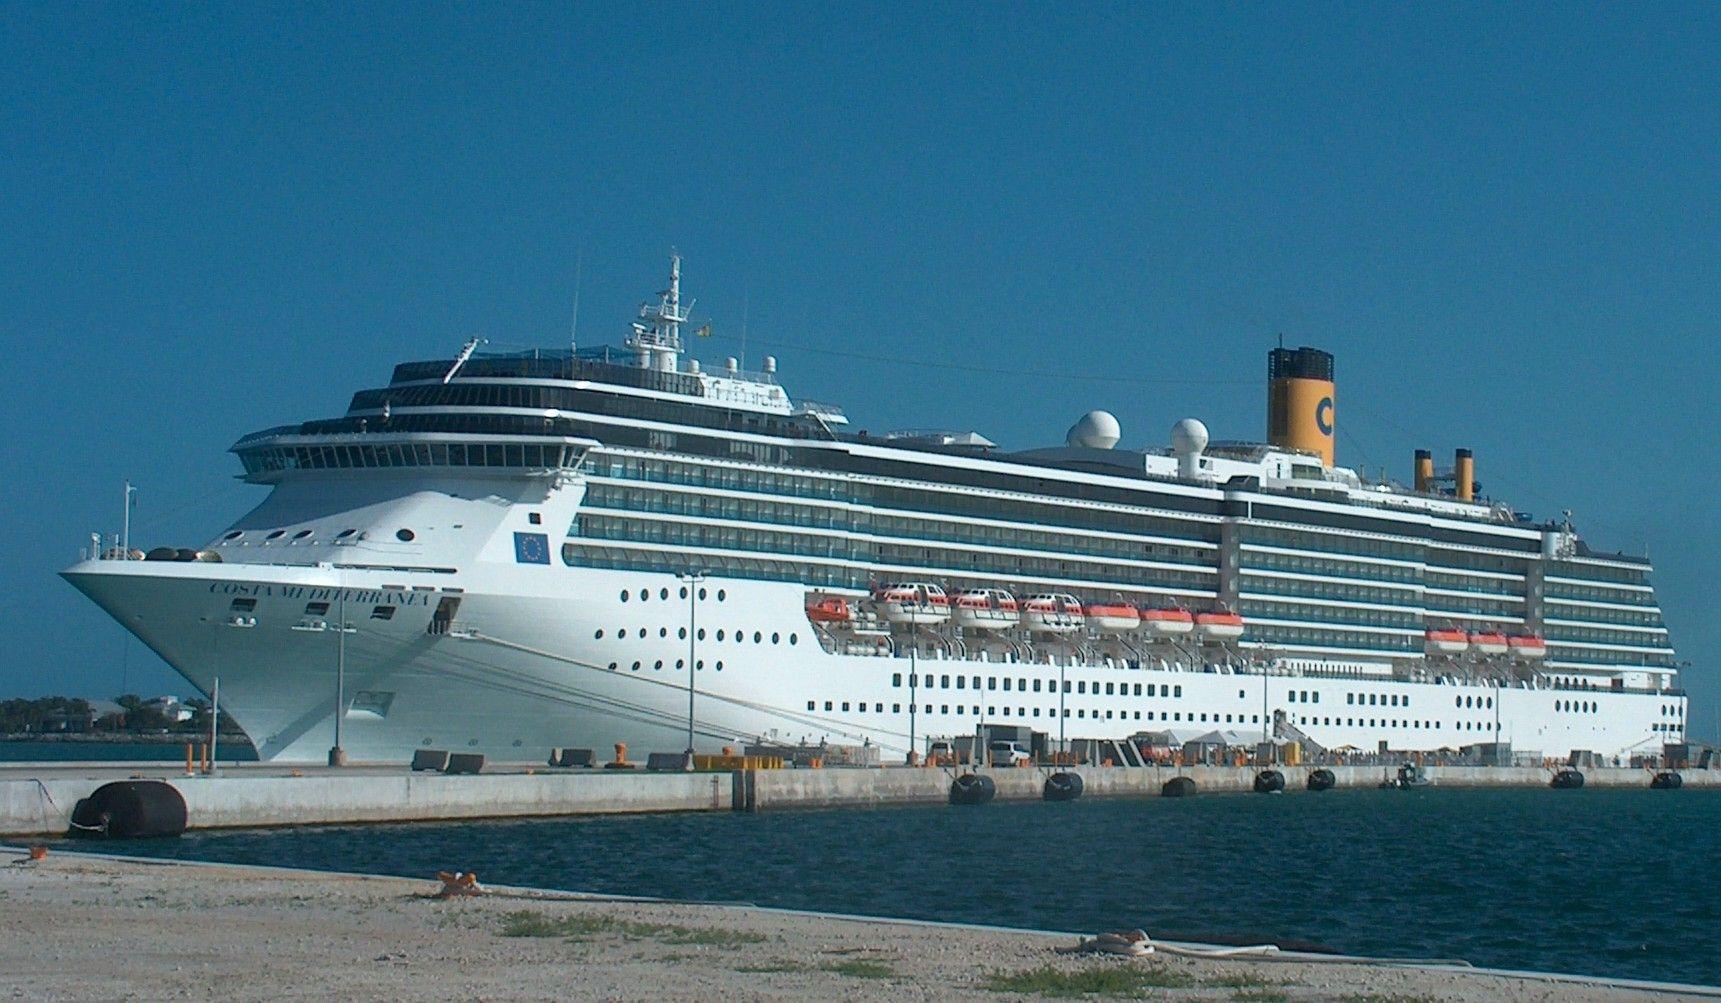 Key West FL à Key West FL Costa Mediterranea Cruiseships - Cruise ships key west